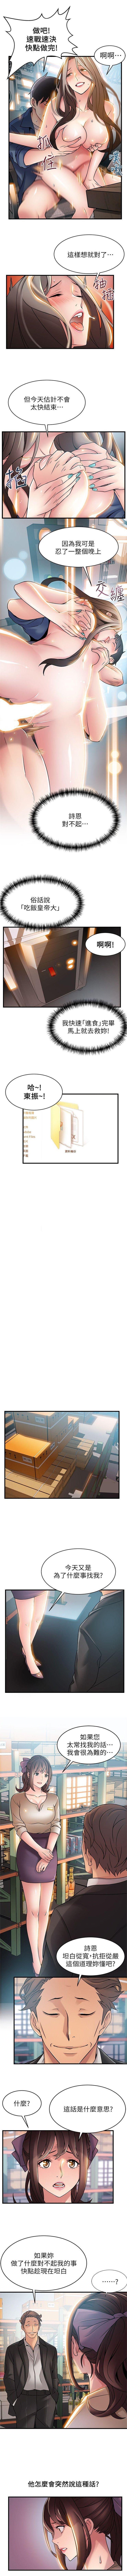 弱點 1-101 官方中文(連載中) 153